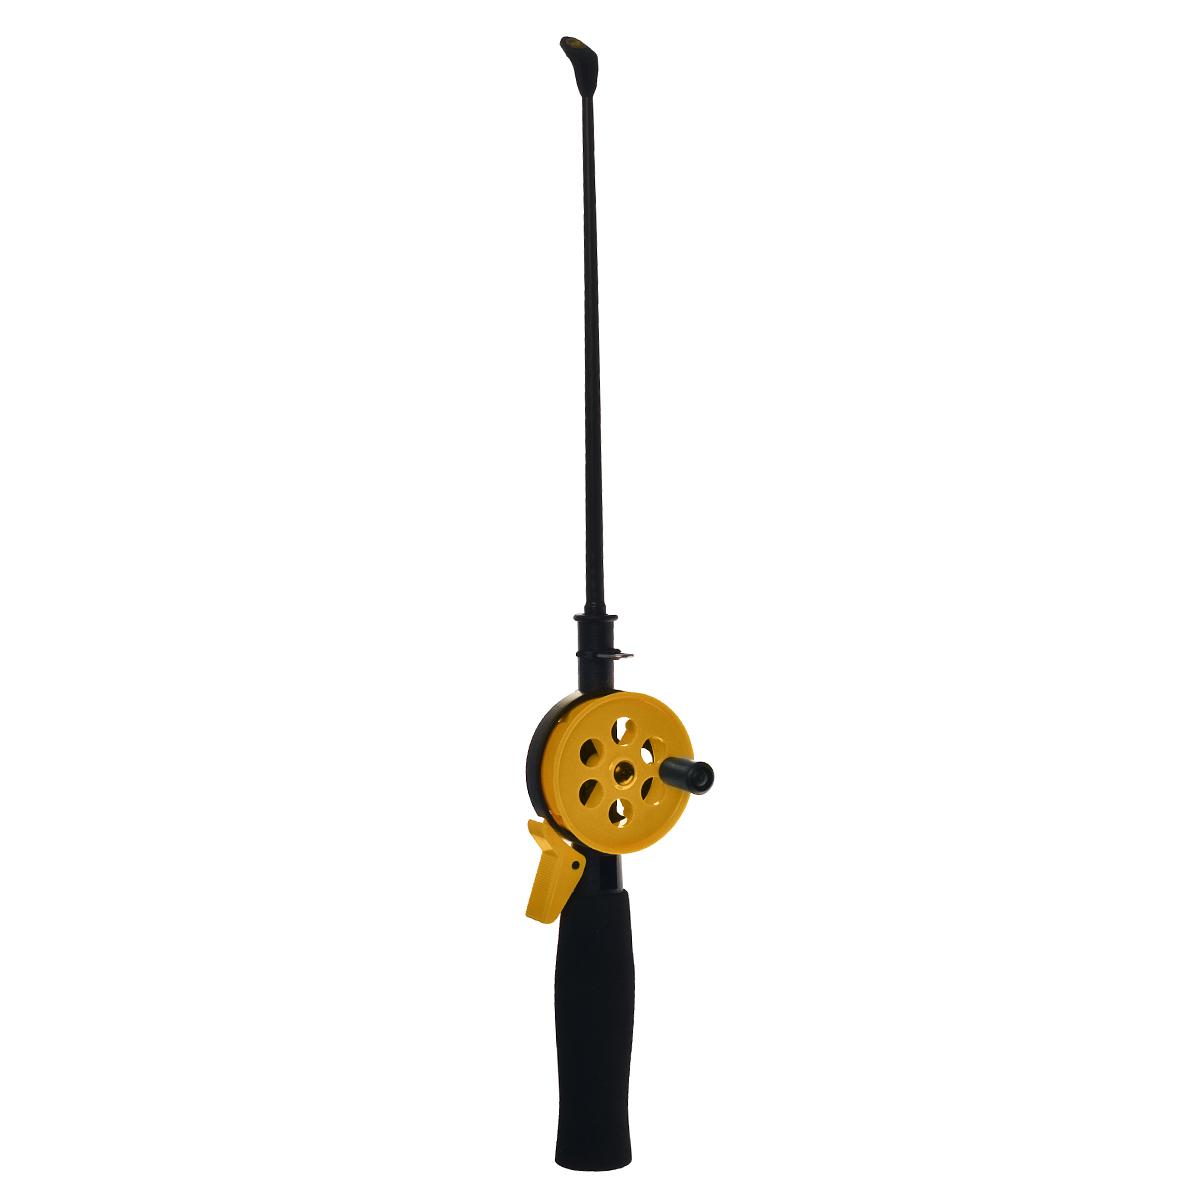 Удочка зимняя SWD HR402, цвет: черный, желтый, 38 см2116-210SETЗимняя удочка SWD HR402 с открытой катушкой диаметром 55 мм и клавишным стопором. Оснащена пластиковым хлыстом длиной 20 см с тюльпаном на конце. Ручка выполнена из неопрена.